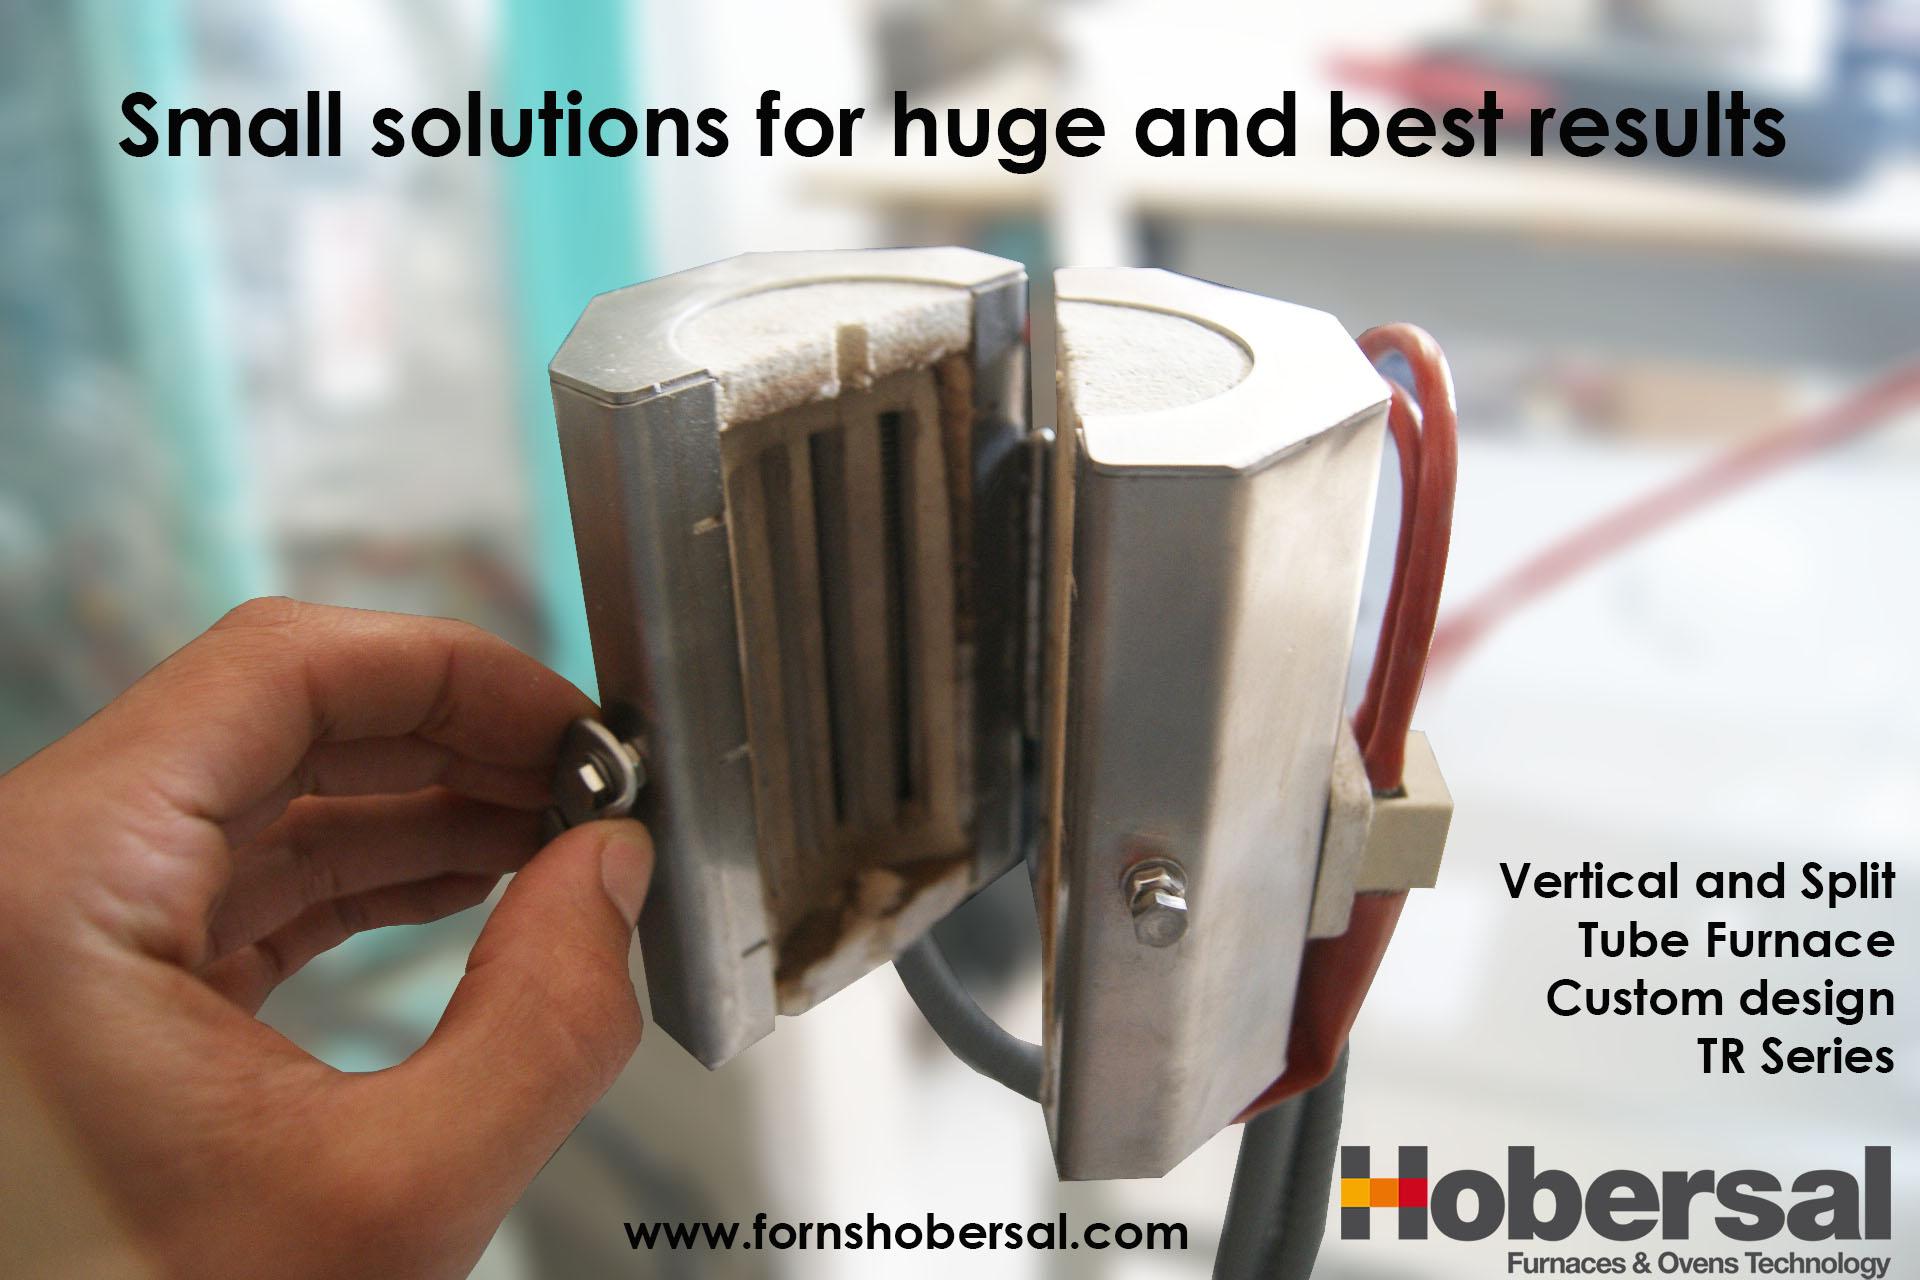 TR-0-0 Hobersal horno de tubo vertical abierto small